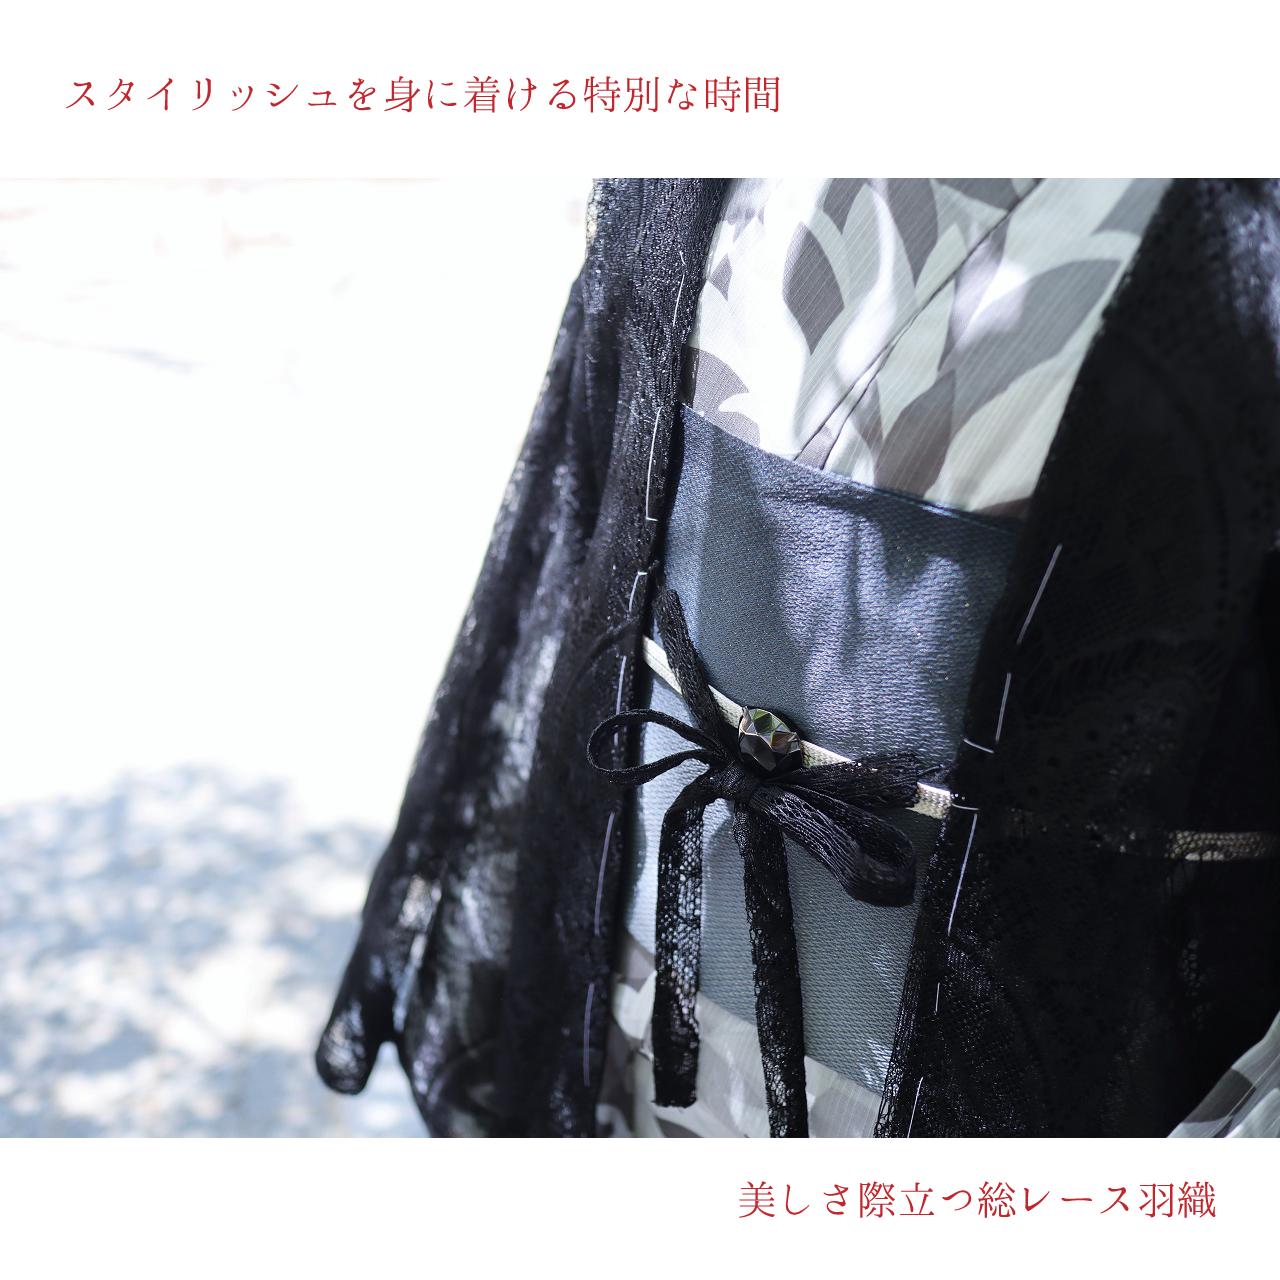 【レース羽織】日本製 総レース羽織 ブラック